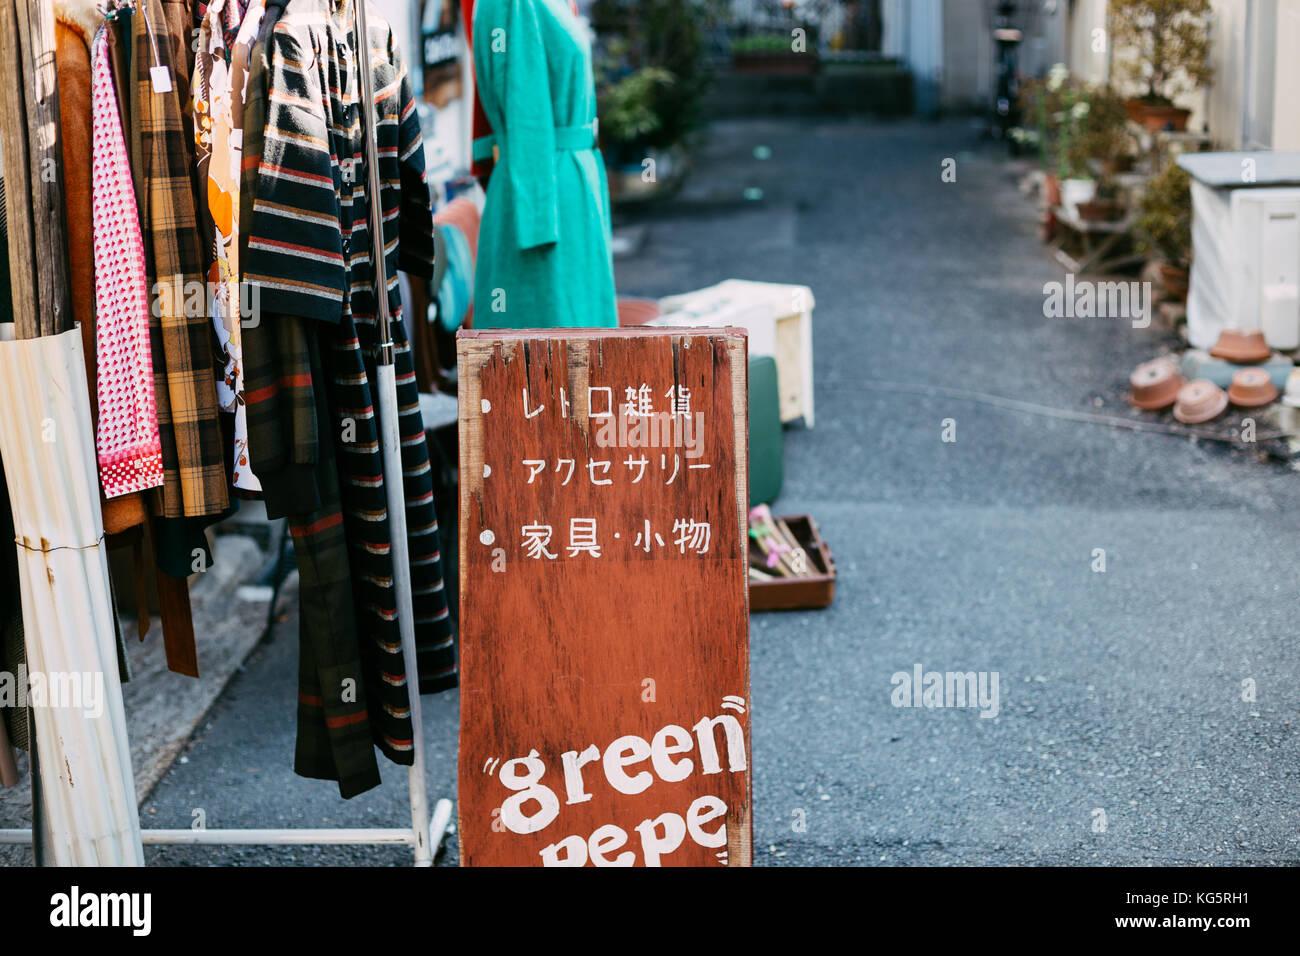 Shop Store Shopping Osaka Stock Photos & Shop Store Shopping Osaka ...